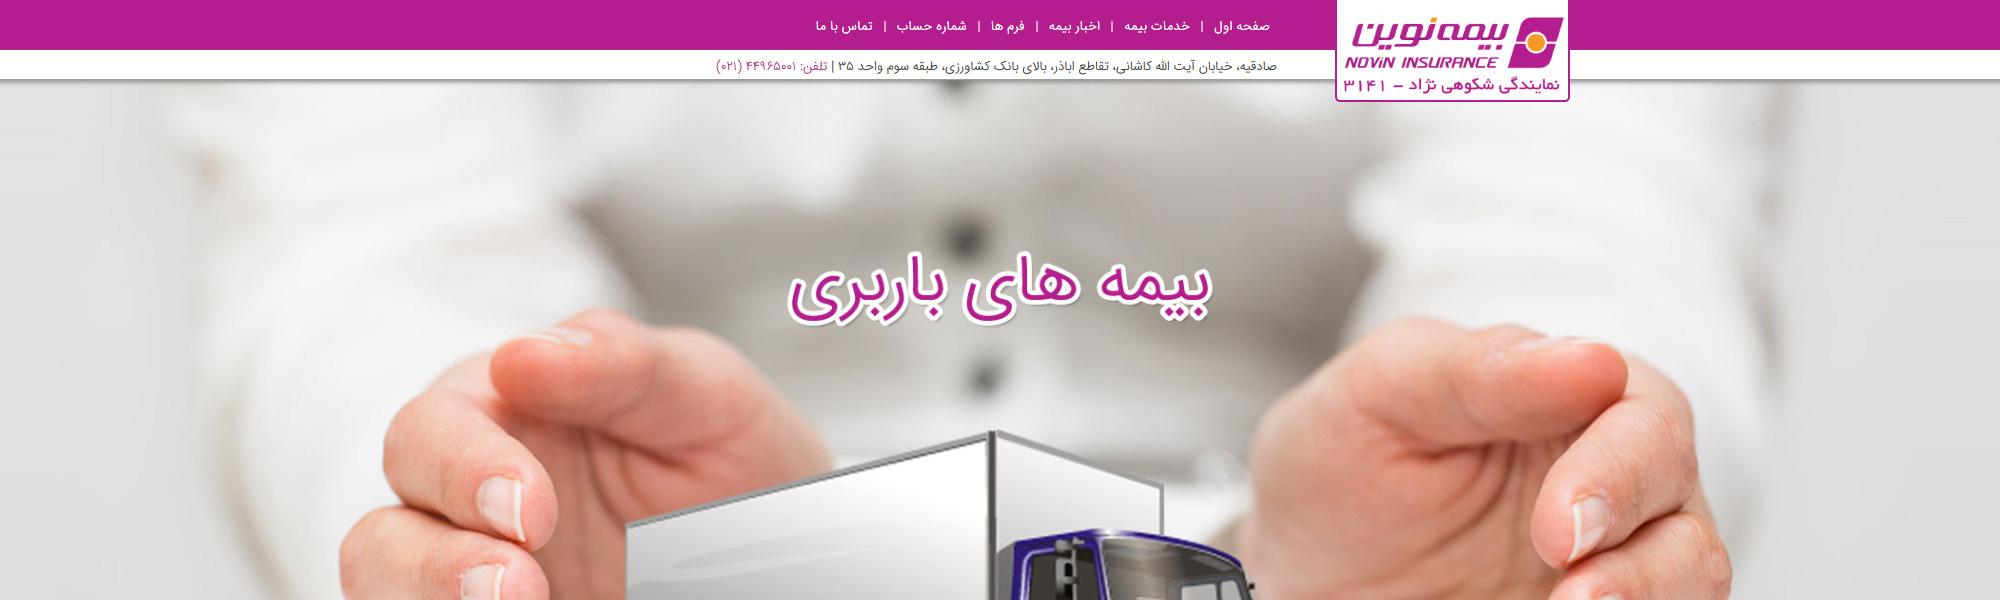 وب سایت بیمه نوین - نمایندگی شکوهی نژاد 3141